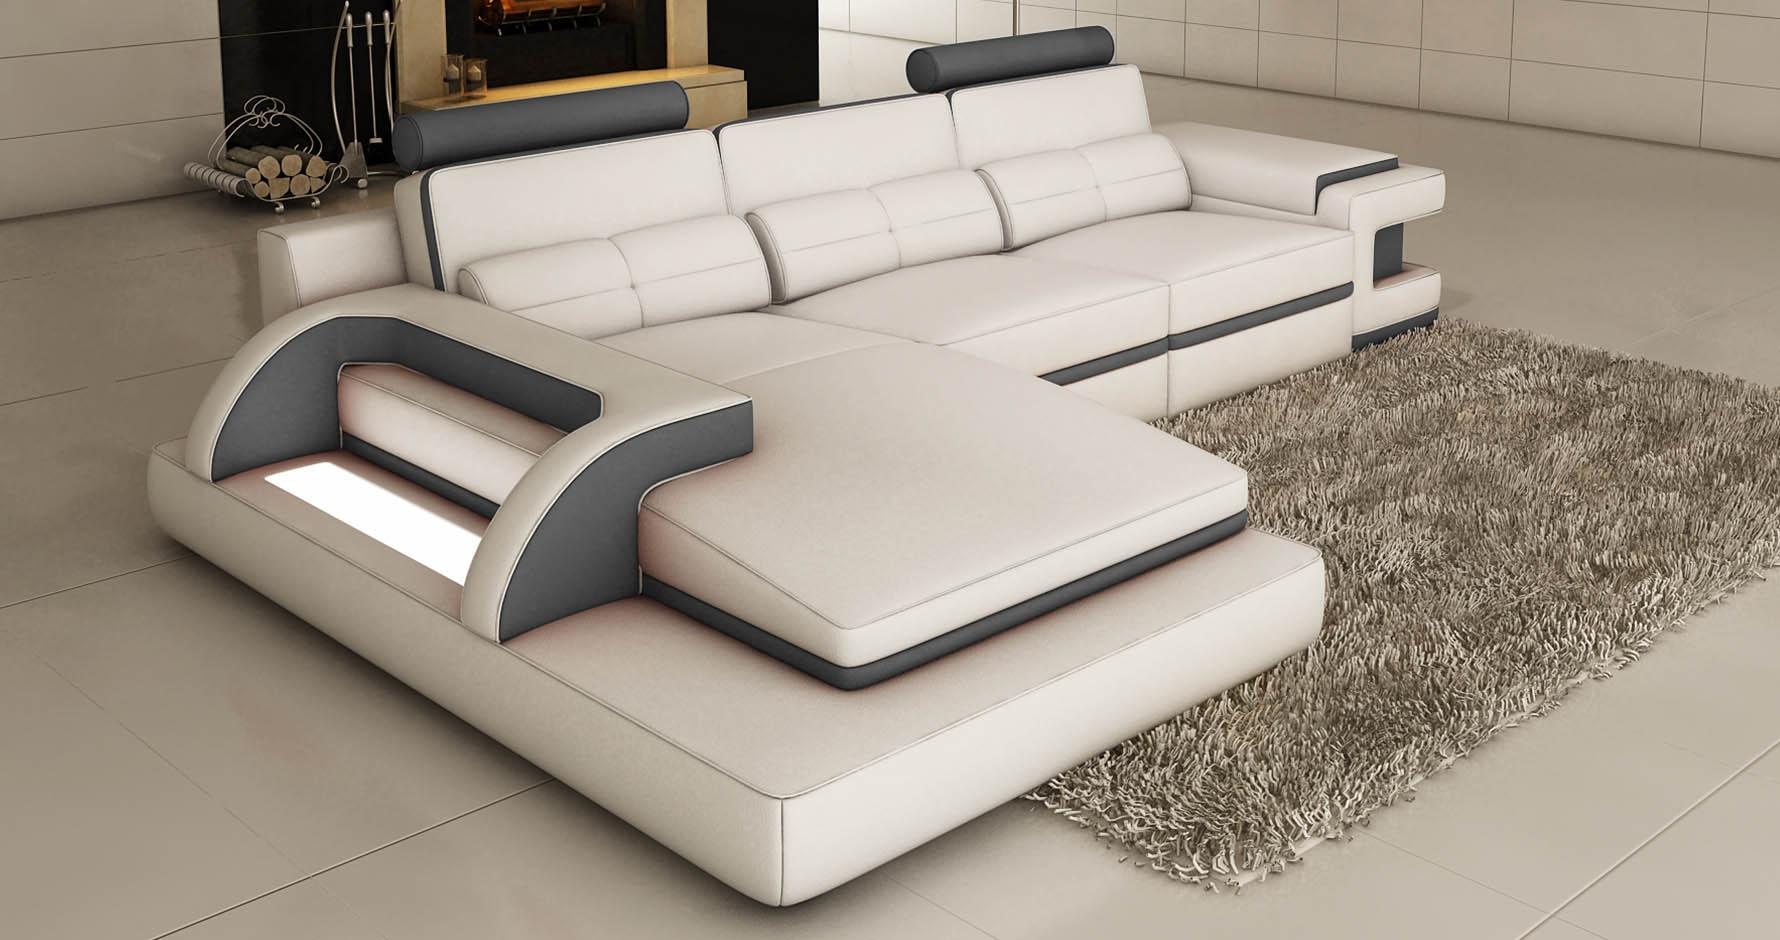 Recouvrir Un Canapé En Cuir Beau Photos Canapé D Angle Avec Tetiere Centralillaw